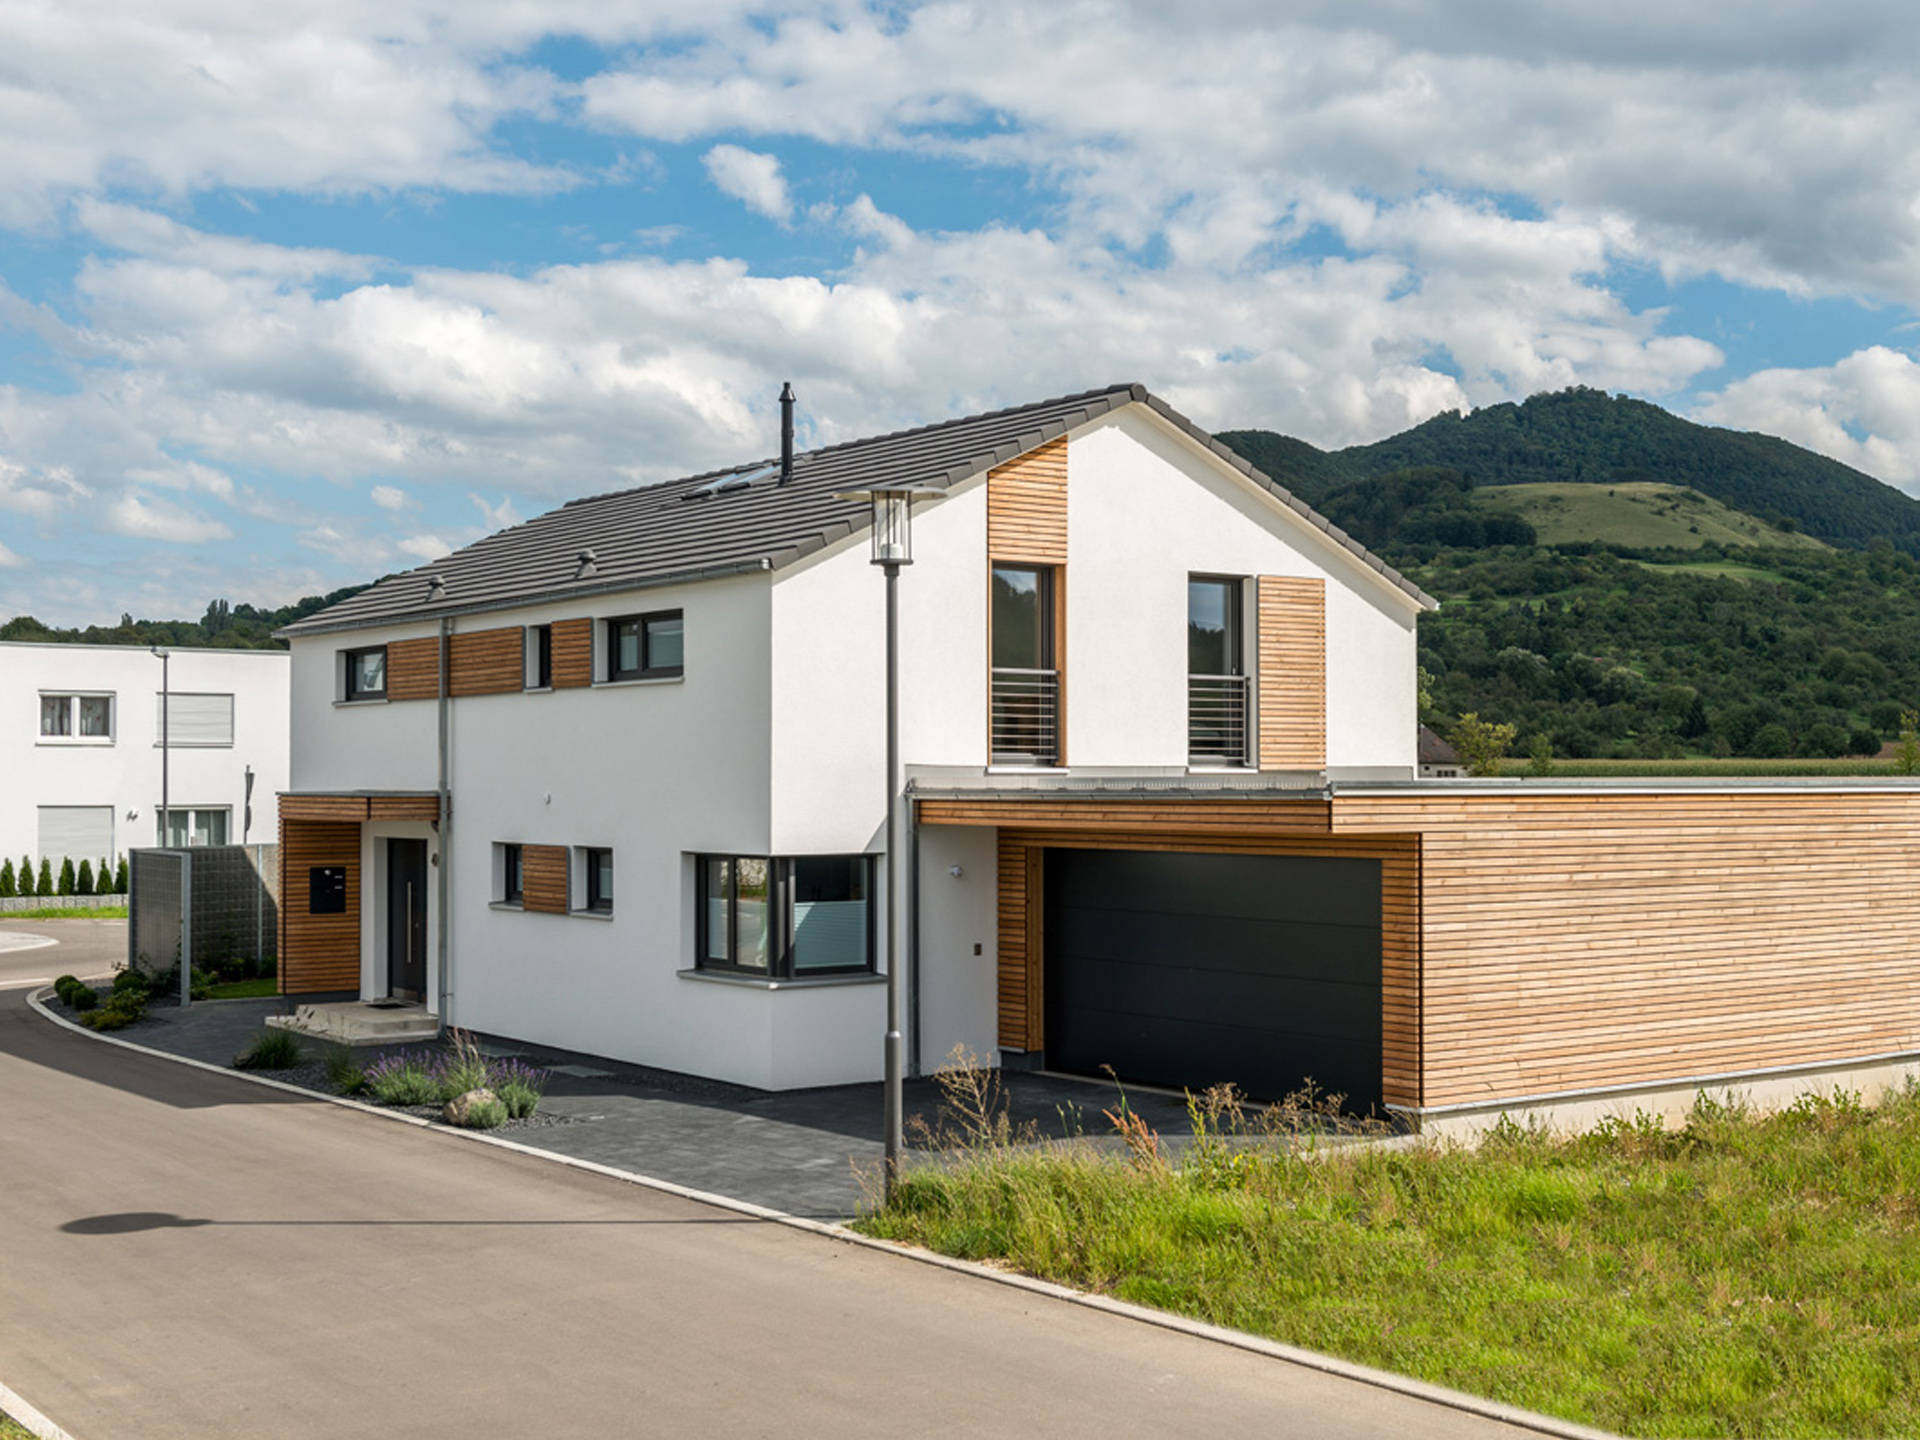 Haus design 188 frammelsberger r ingenieur holzhaus for Holzhaus wohnhaus